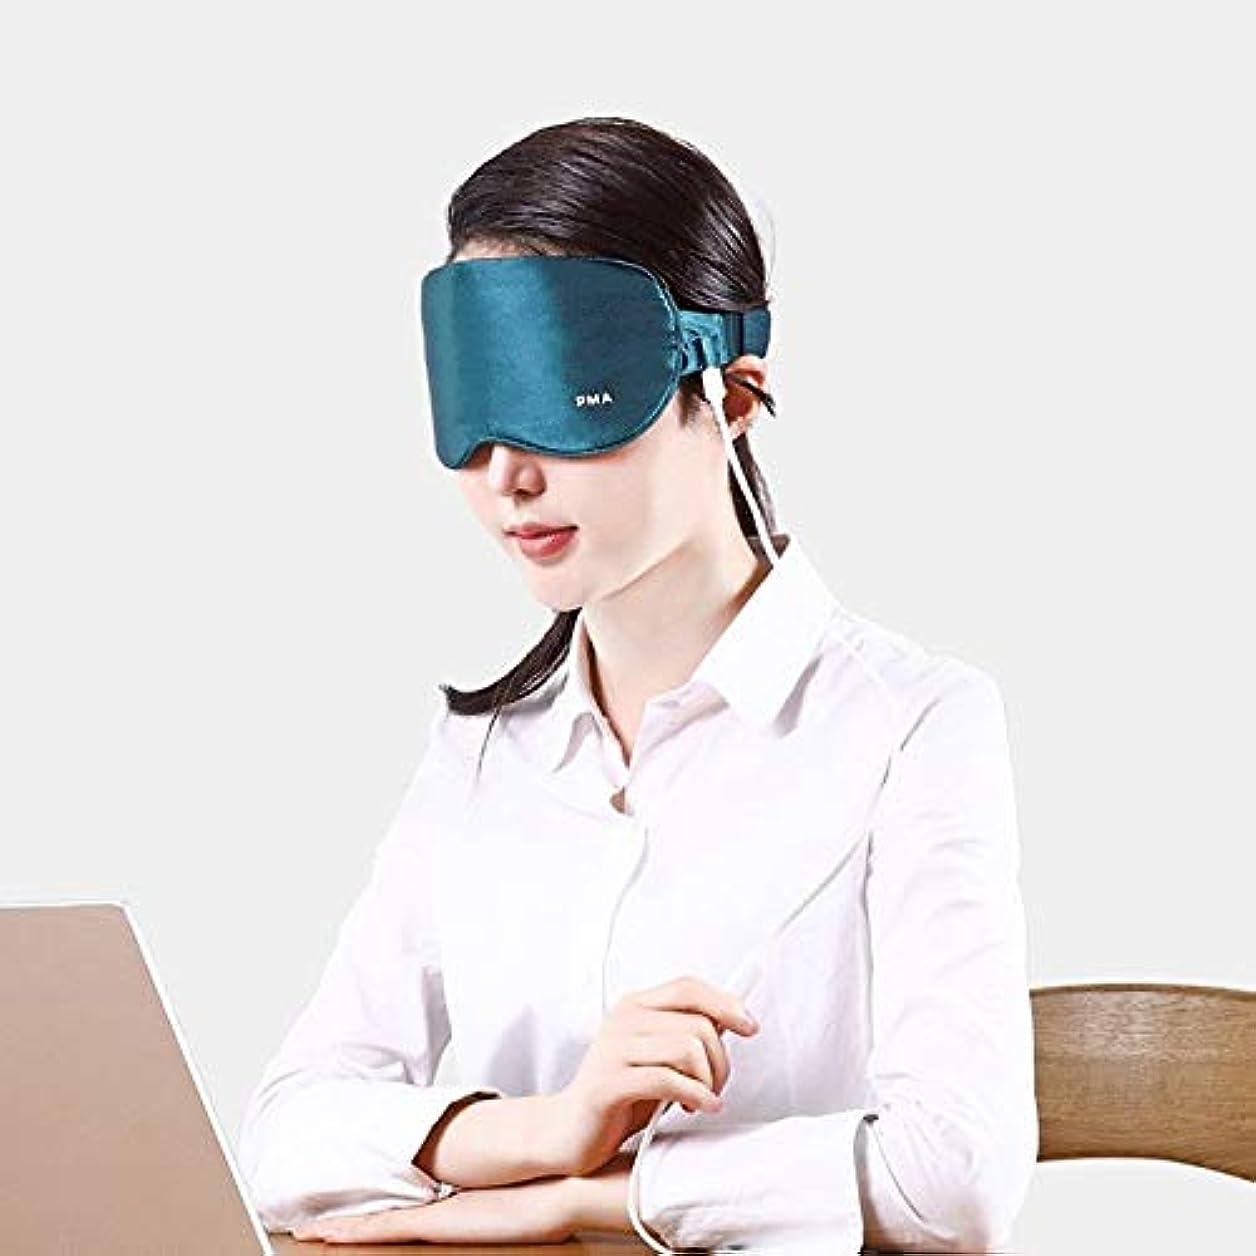 翻訳する休み農民NOTE グスタラ睡眠アイマスク発熱シルク目隠し用アイケアツール睡眠マスク自動電源オフ調節可能な温度